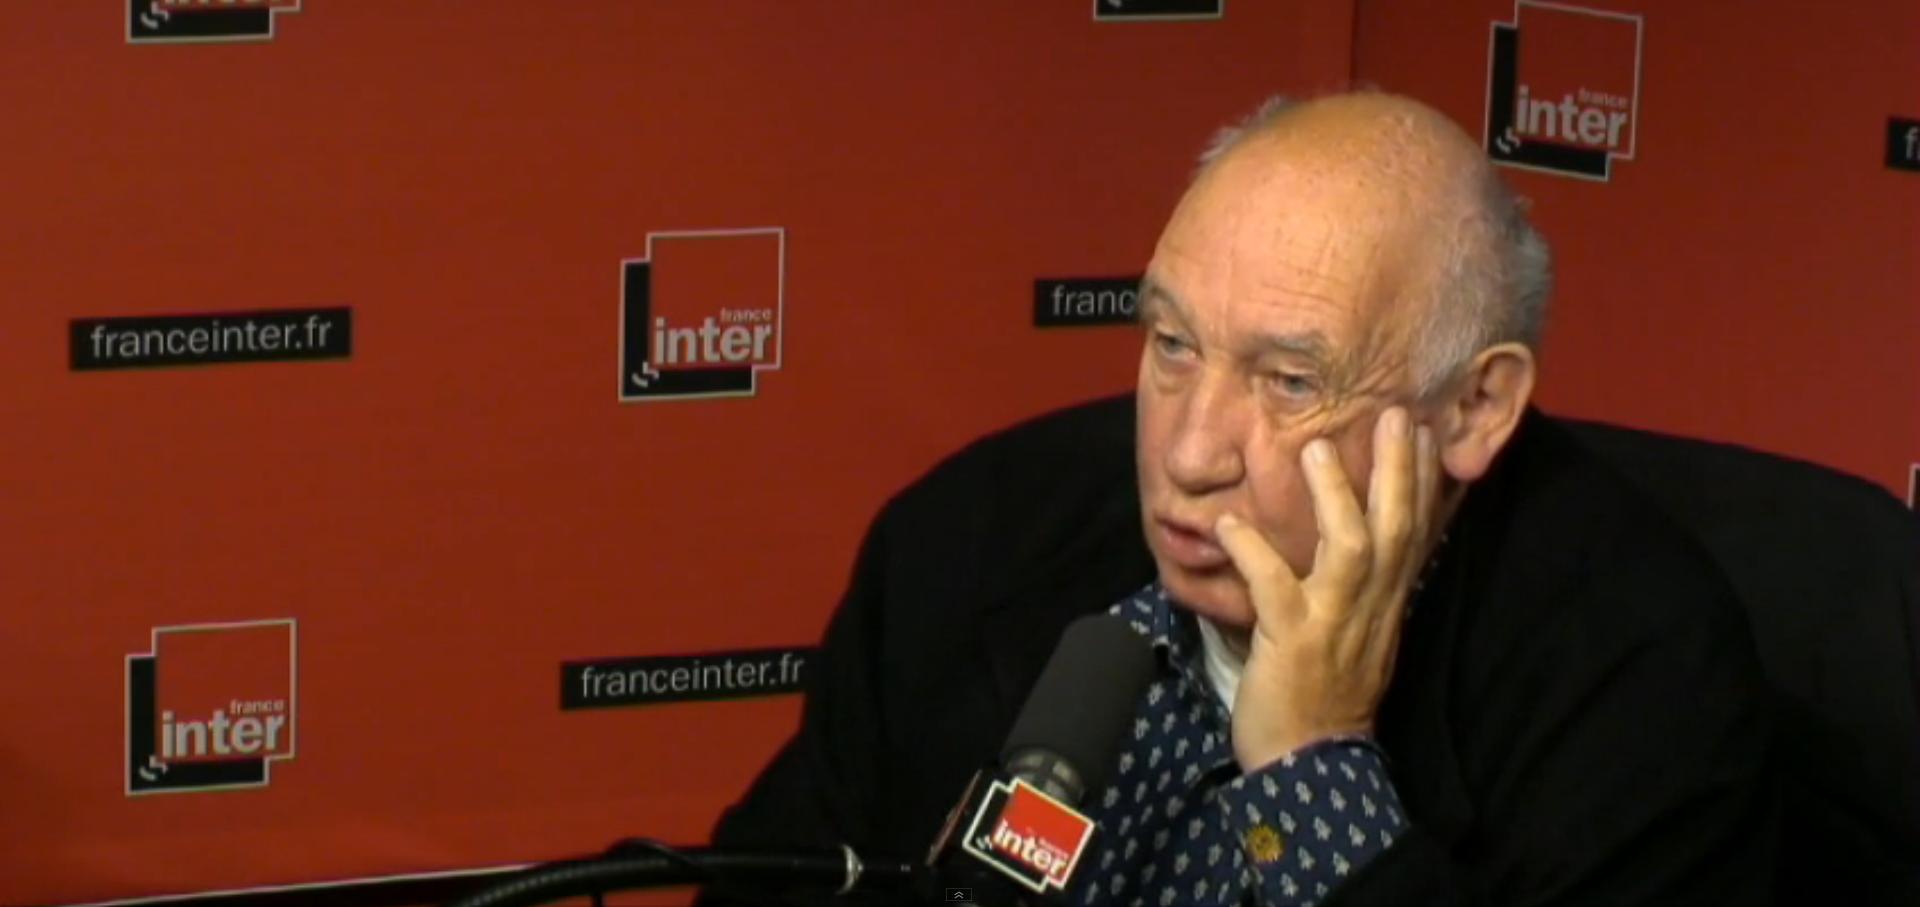 Raymond Depardon, le 31 Décembre 2014 sur France Inter (via)